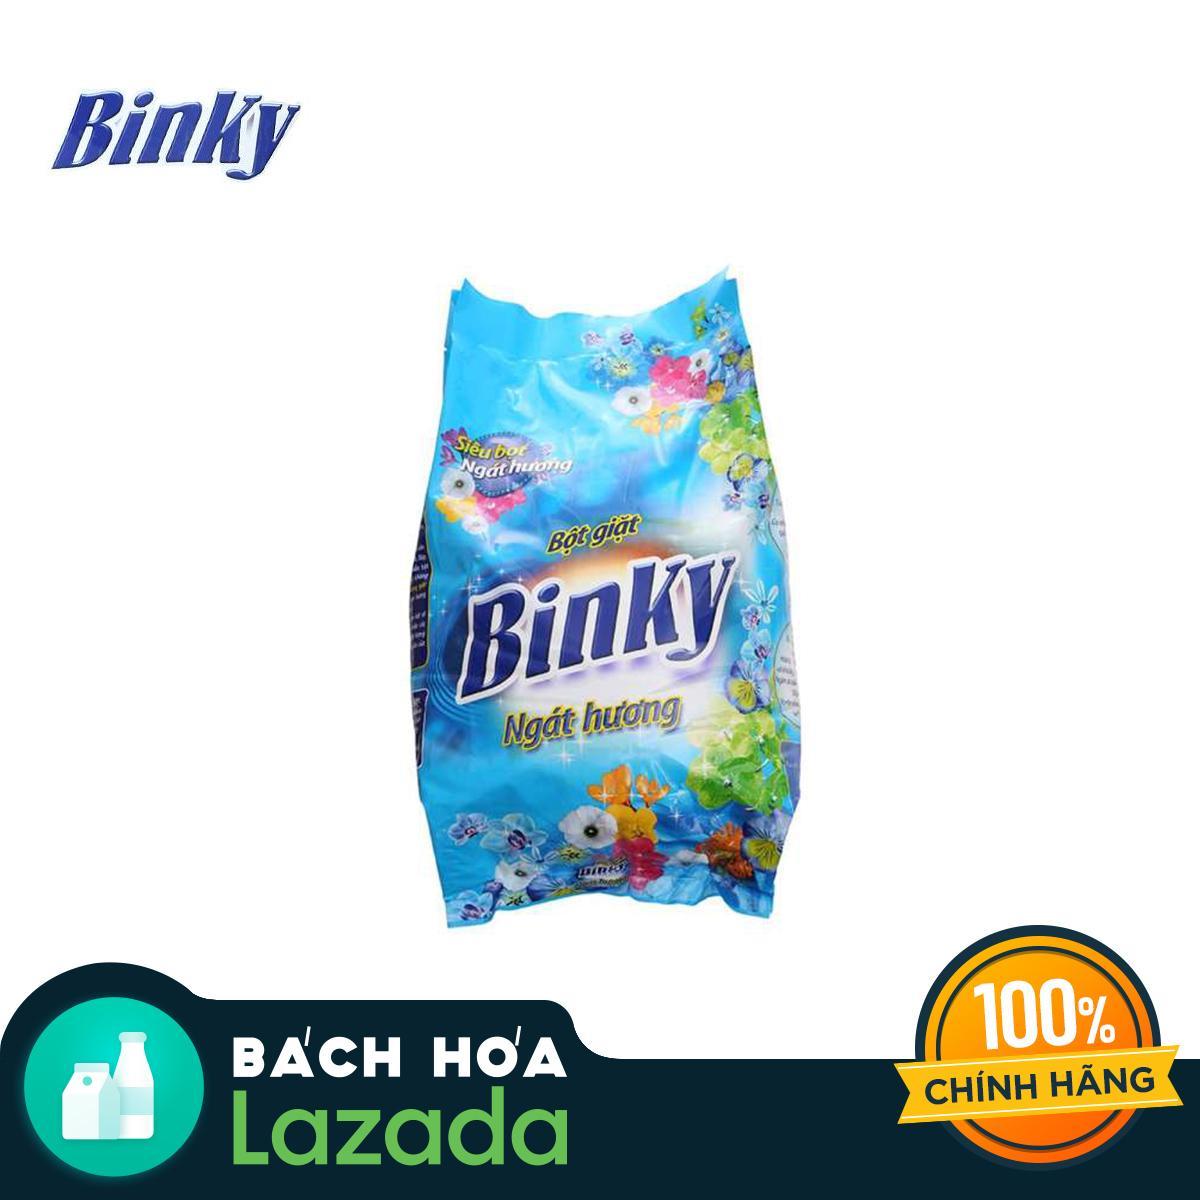 Giá Cực Tốt Khi Mua Bột Giặt Binky Ngát Hương 6kg